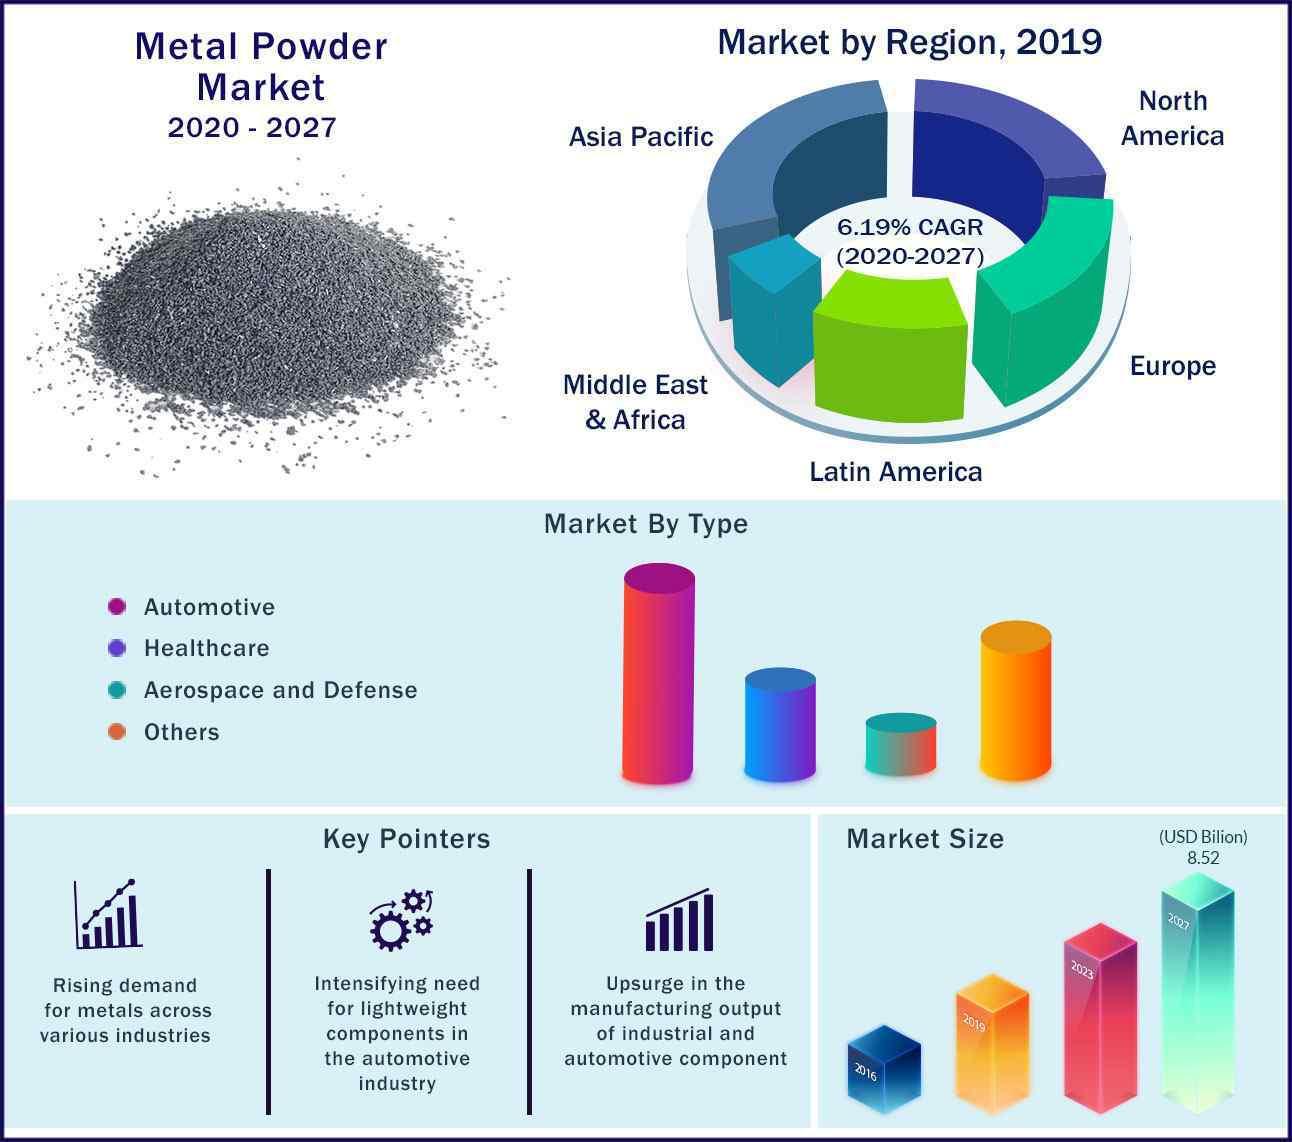 Global Metal Powder Market 2020 to 2027